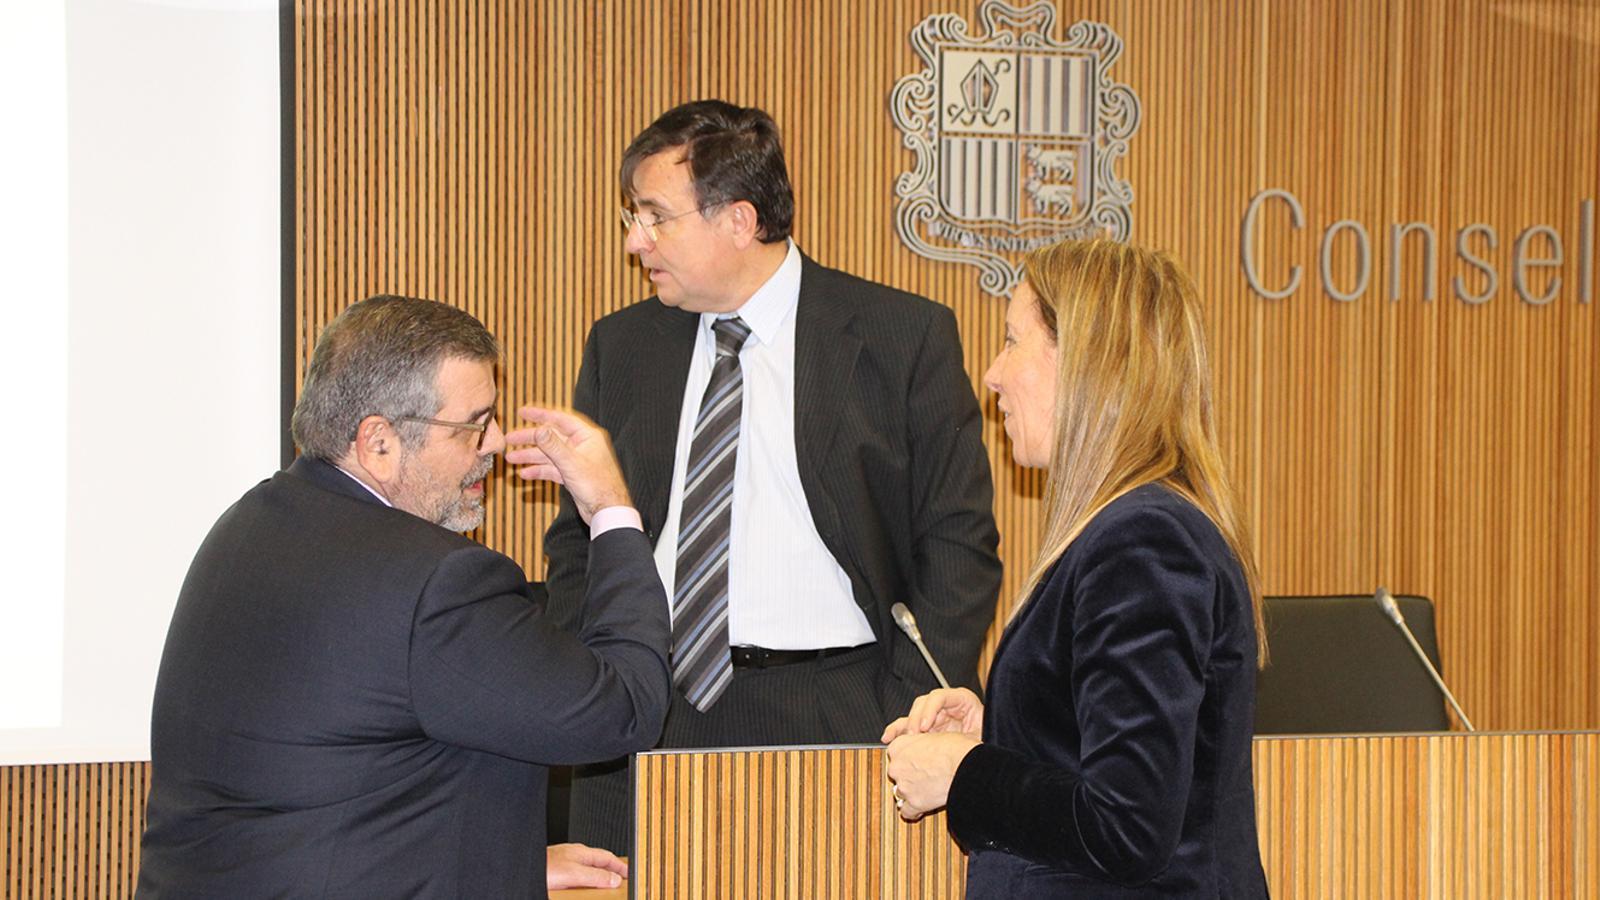 El president de la Caixa Andorrana de Seguretat Social (CASS), Jean-Michel Rascagneres conversa amb la consellera general, Sílvia Bonet en presència del  president de la comissió gestora del fons de reserva de jubilació, Josep Delgado./B.N.